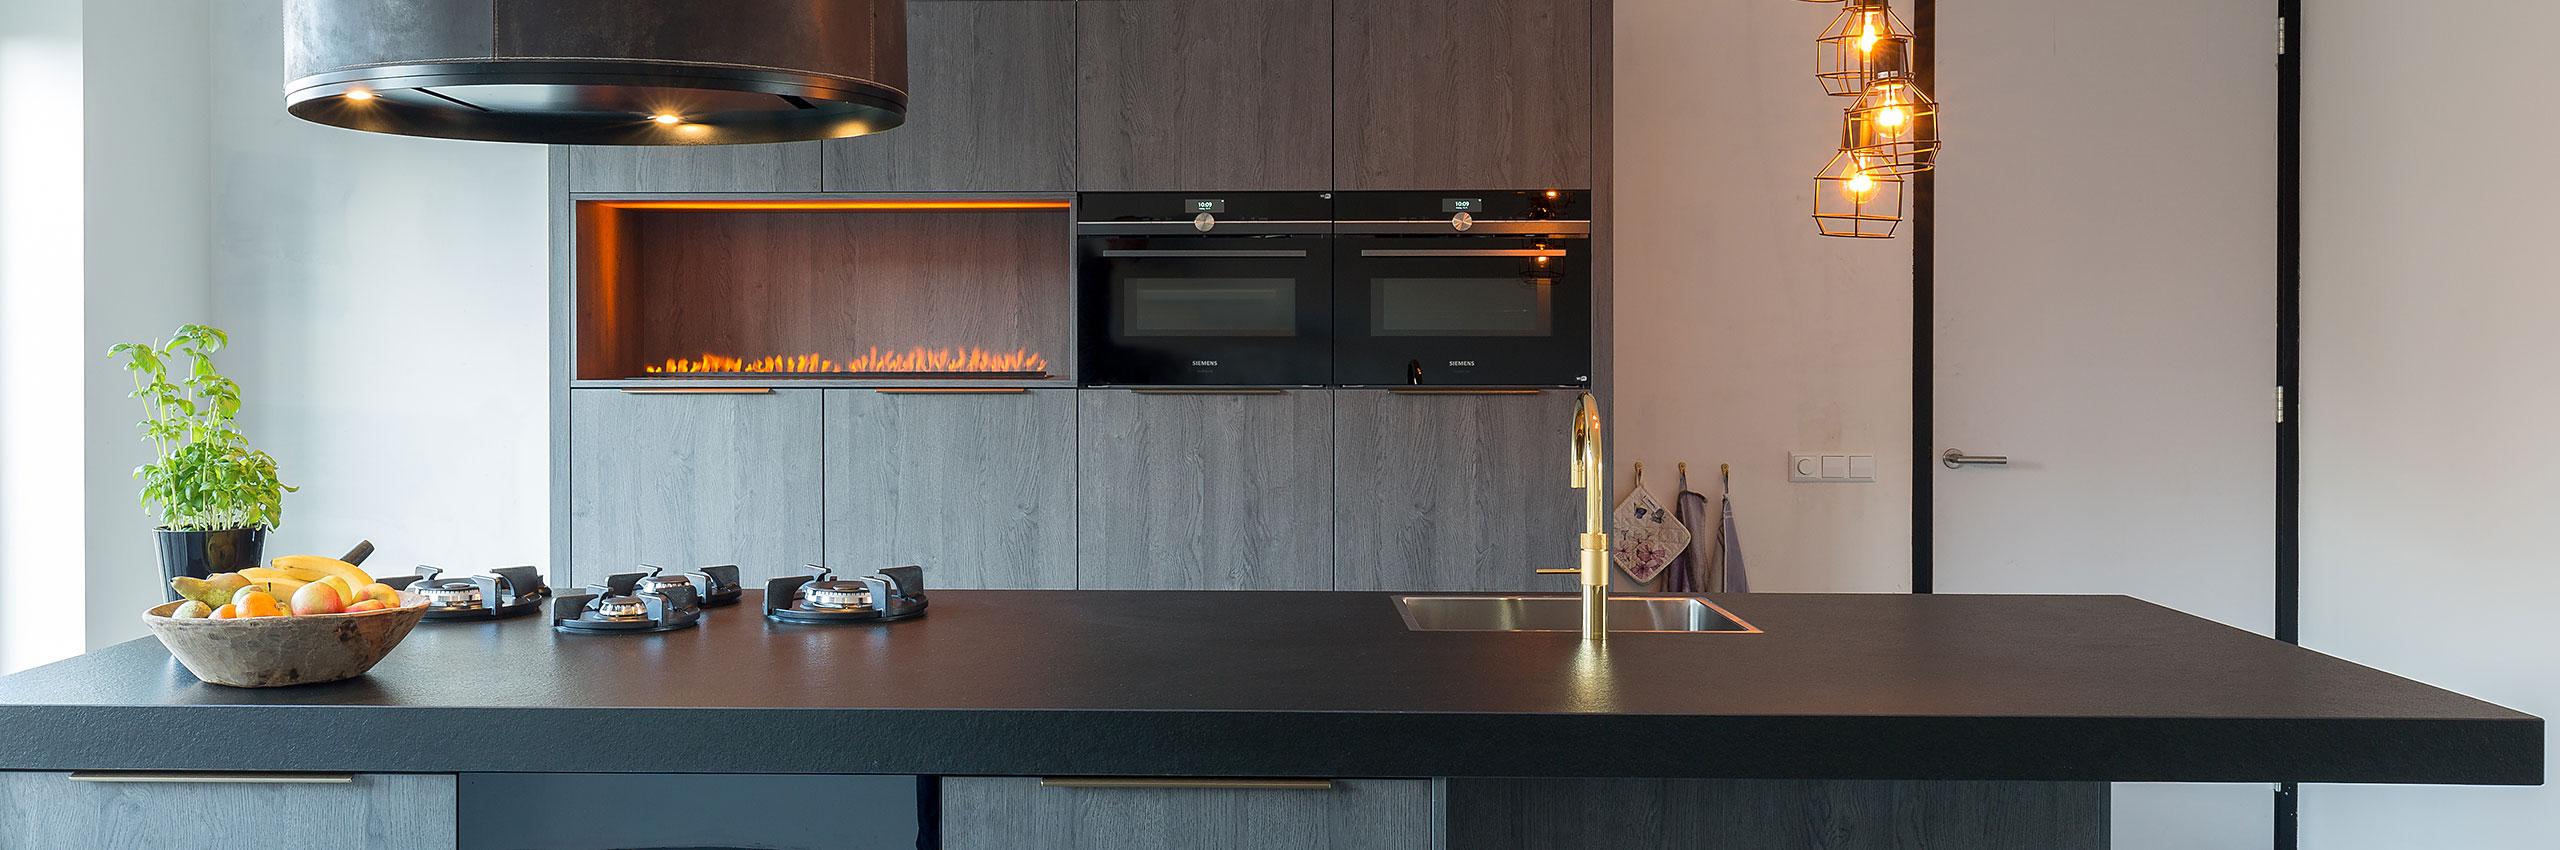 de-keuken-designers-maatwerk-design